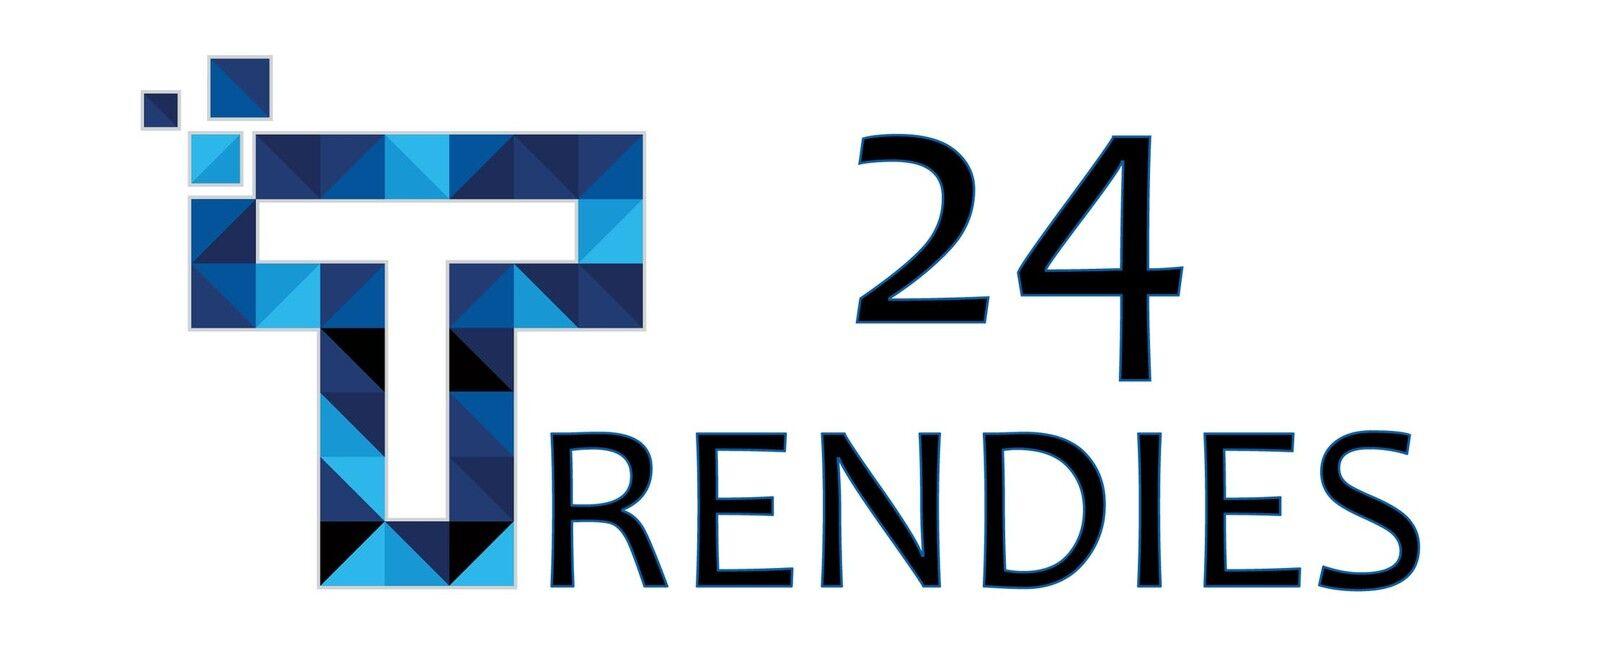 trendies24